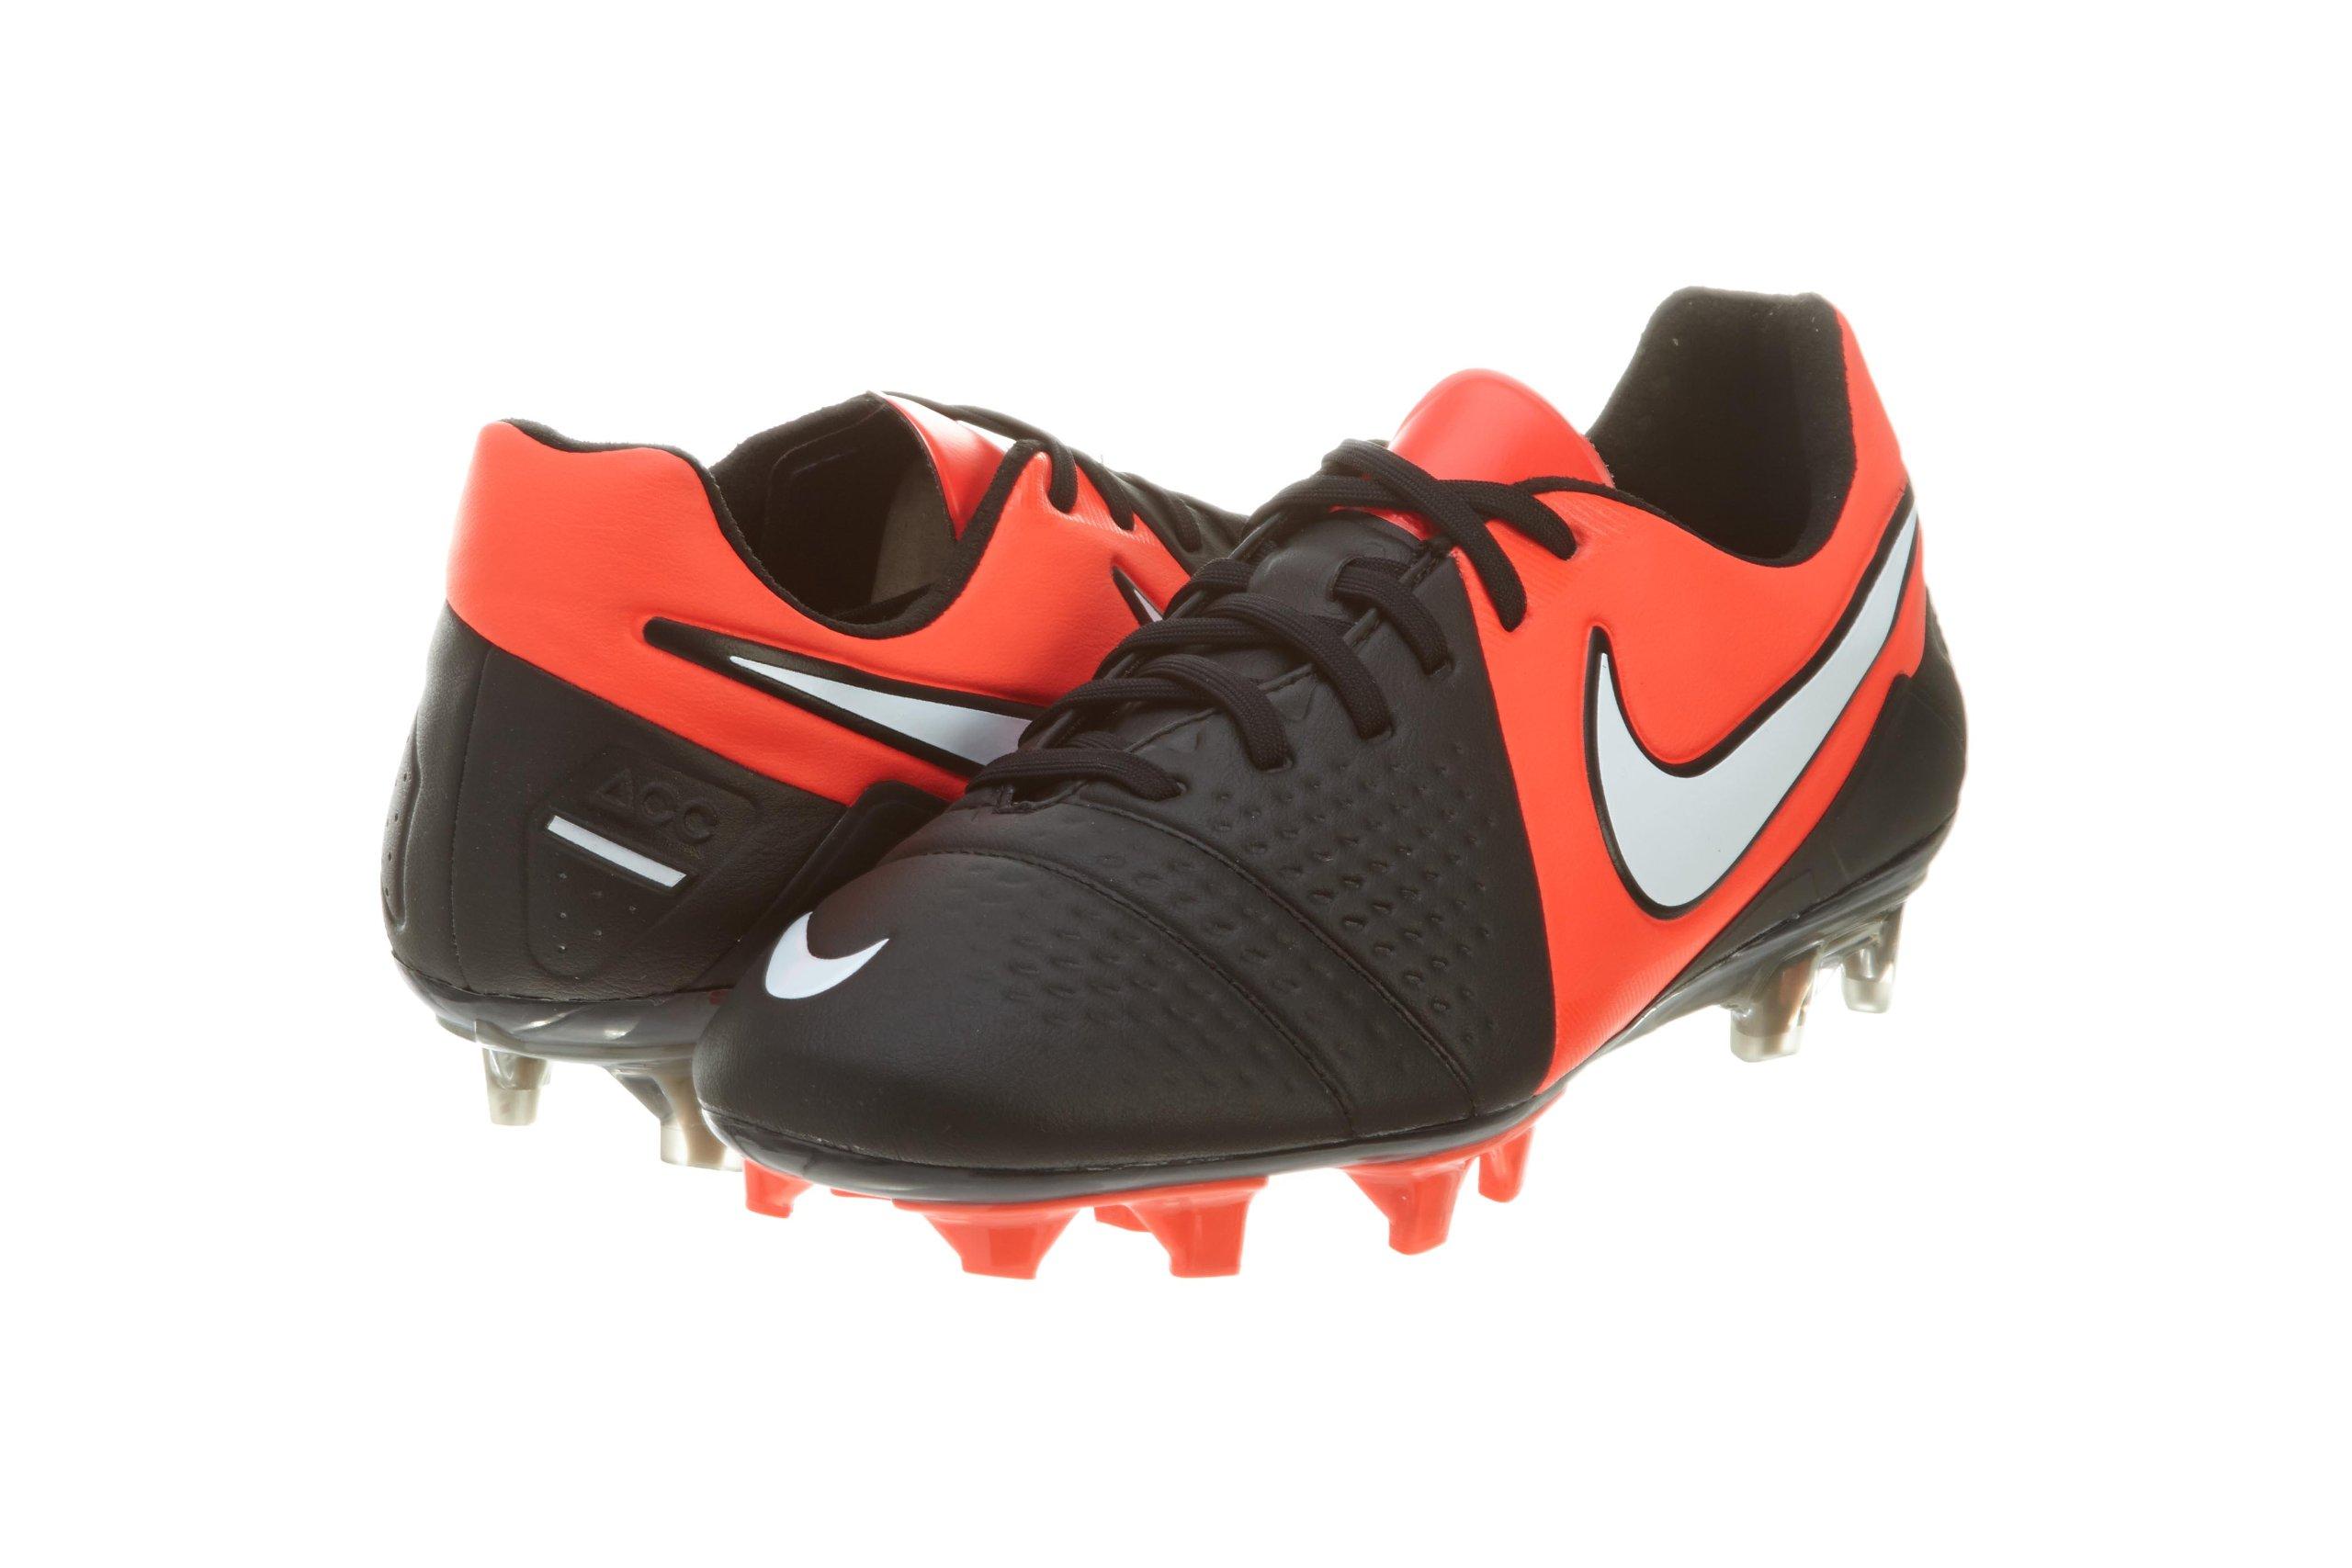 Nike Ctr 360 Maestri Iii Fg Mens525166 Style: 525166-016 Size: 7